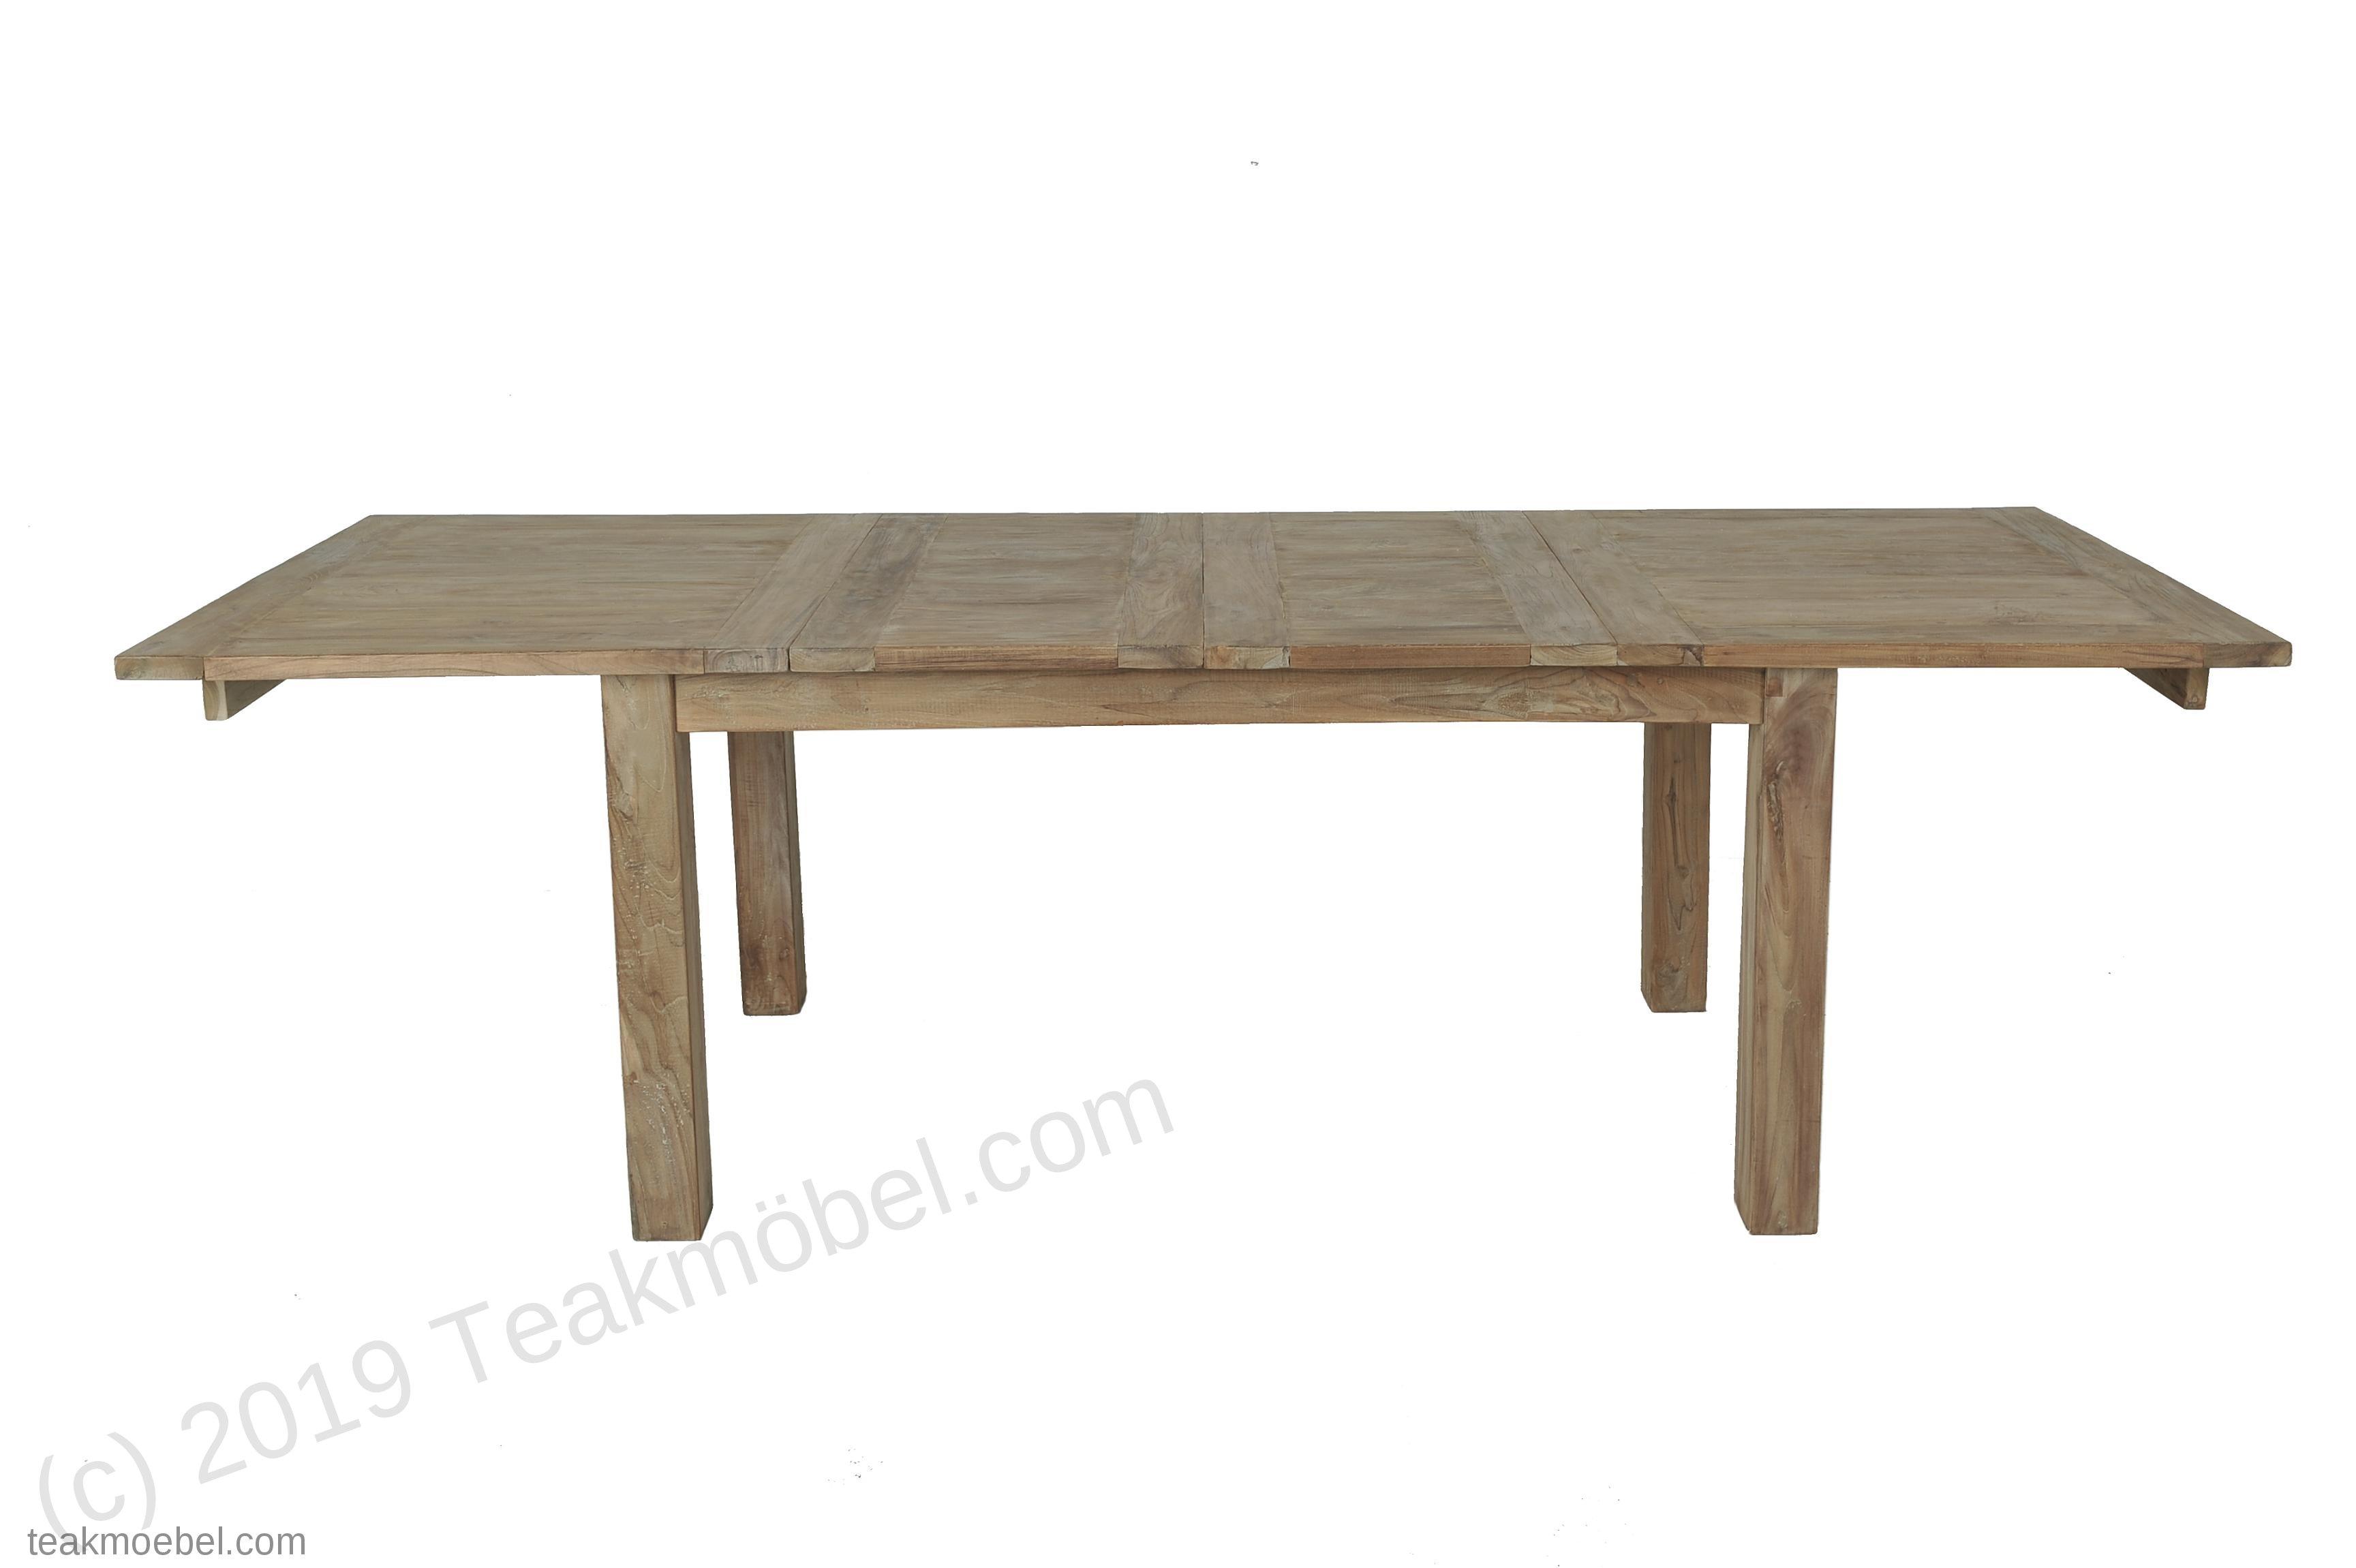 teakholz tisch ausziehbar 160 210 260x90 bild 2 - Teakholz Tische Stilvoll Und Die Zeitlose Mobel